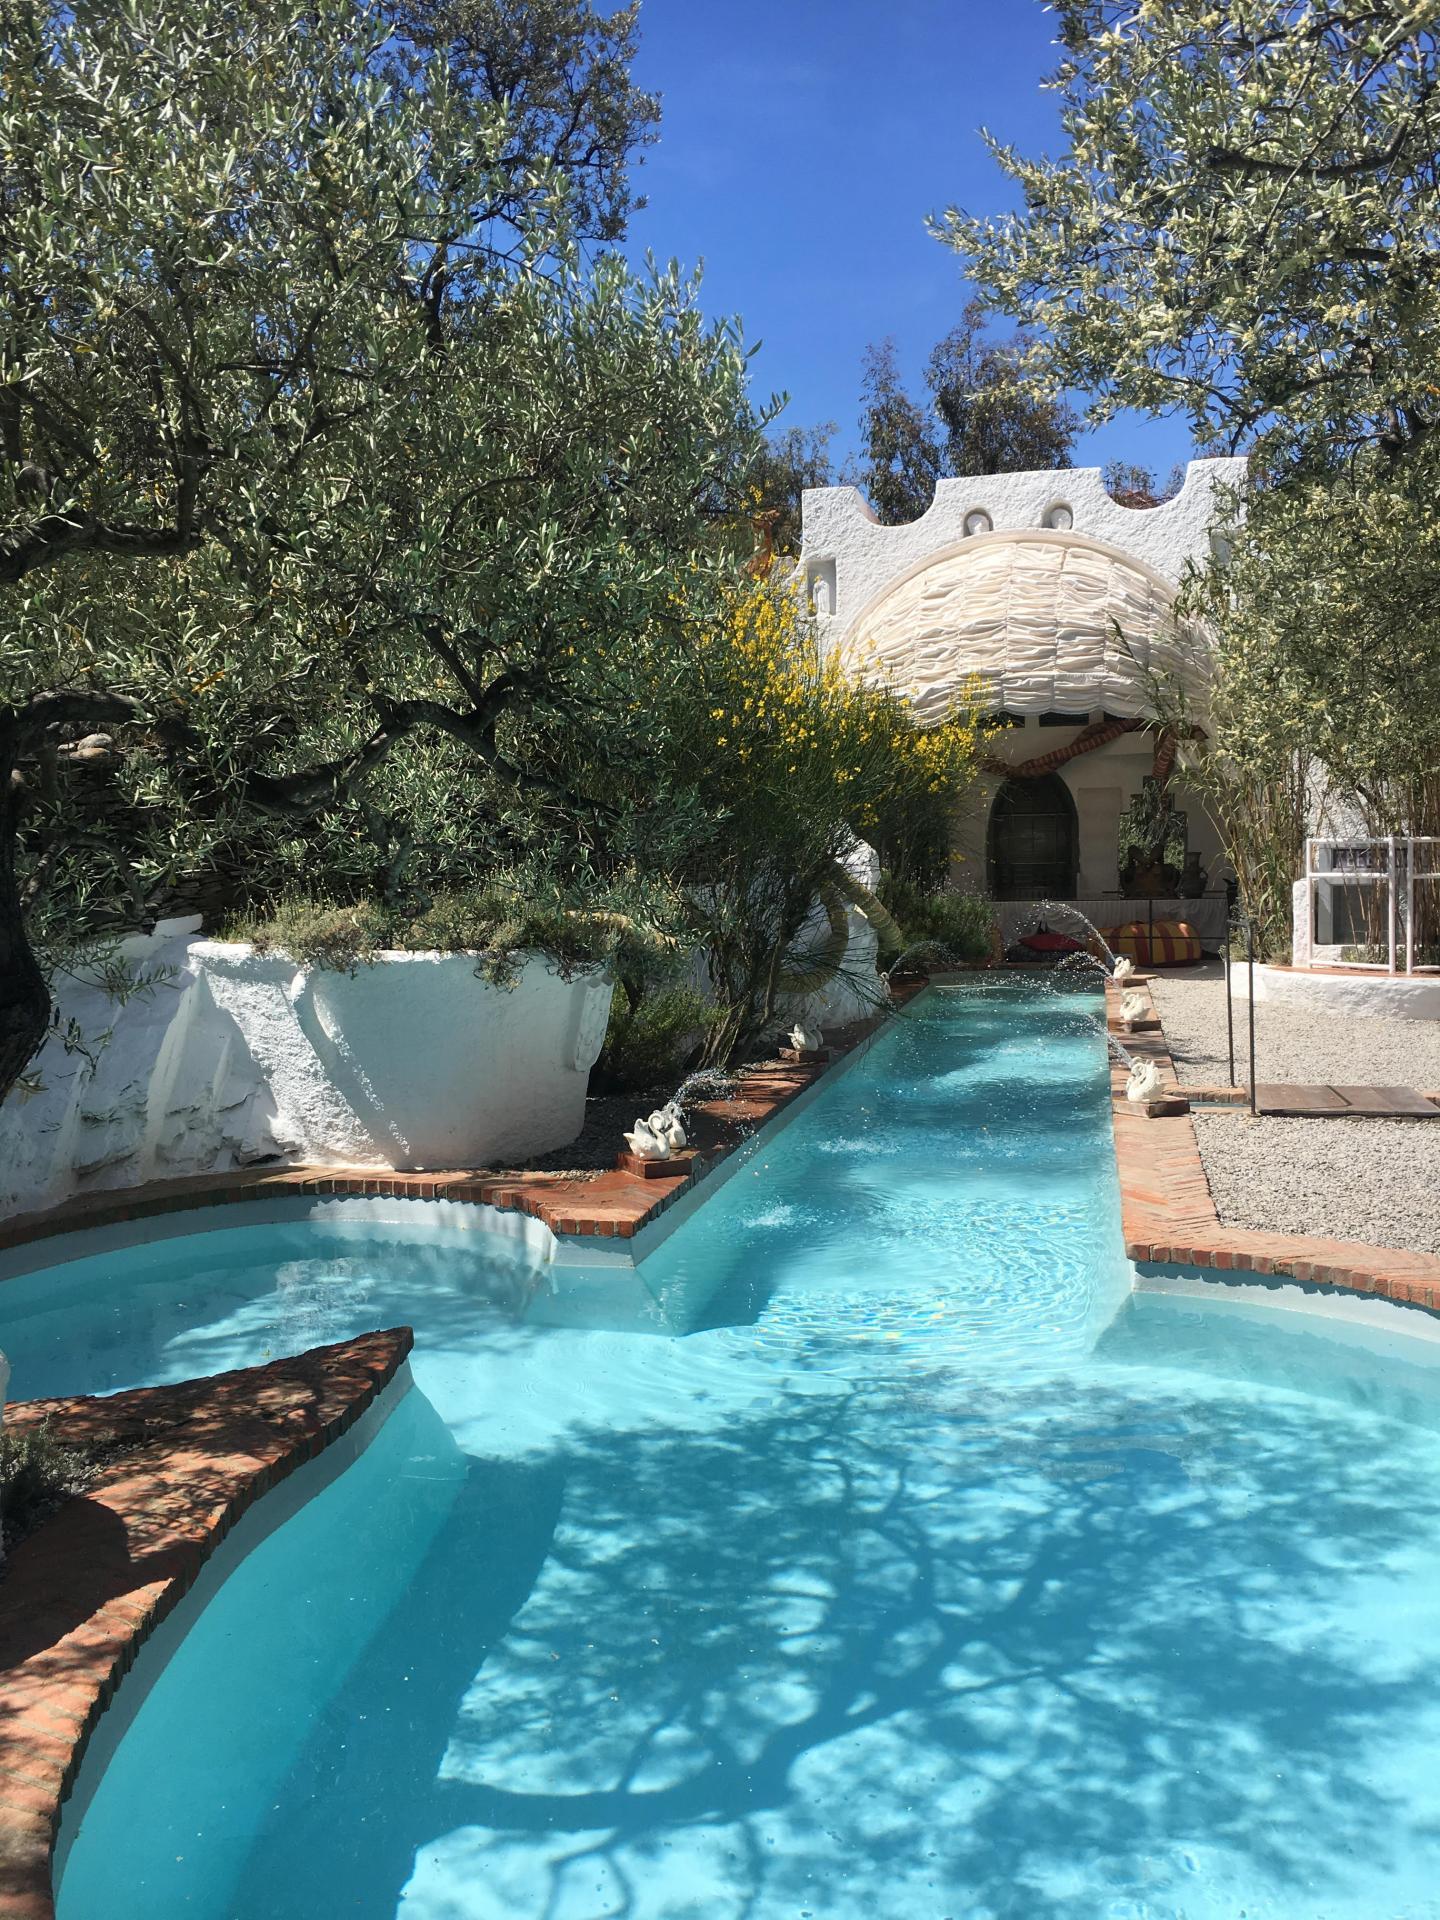 La piscine nichée dans une oliveraie.